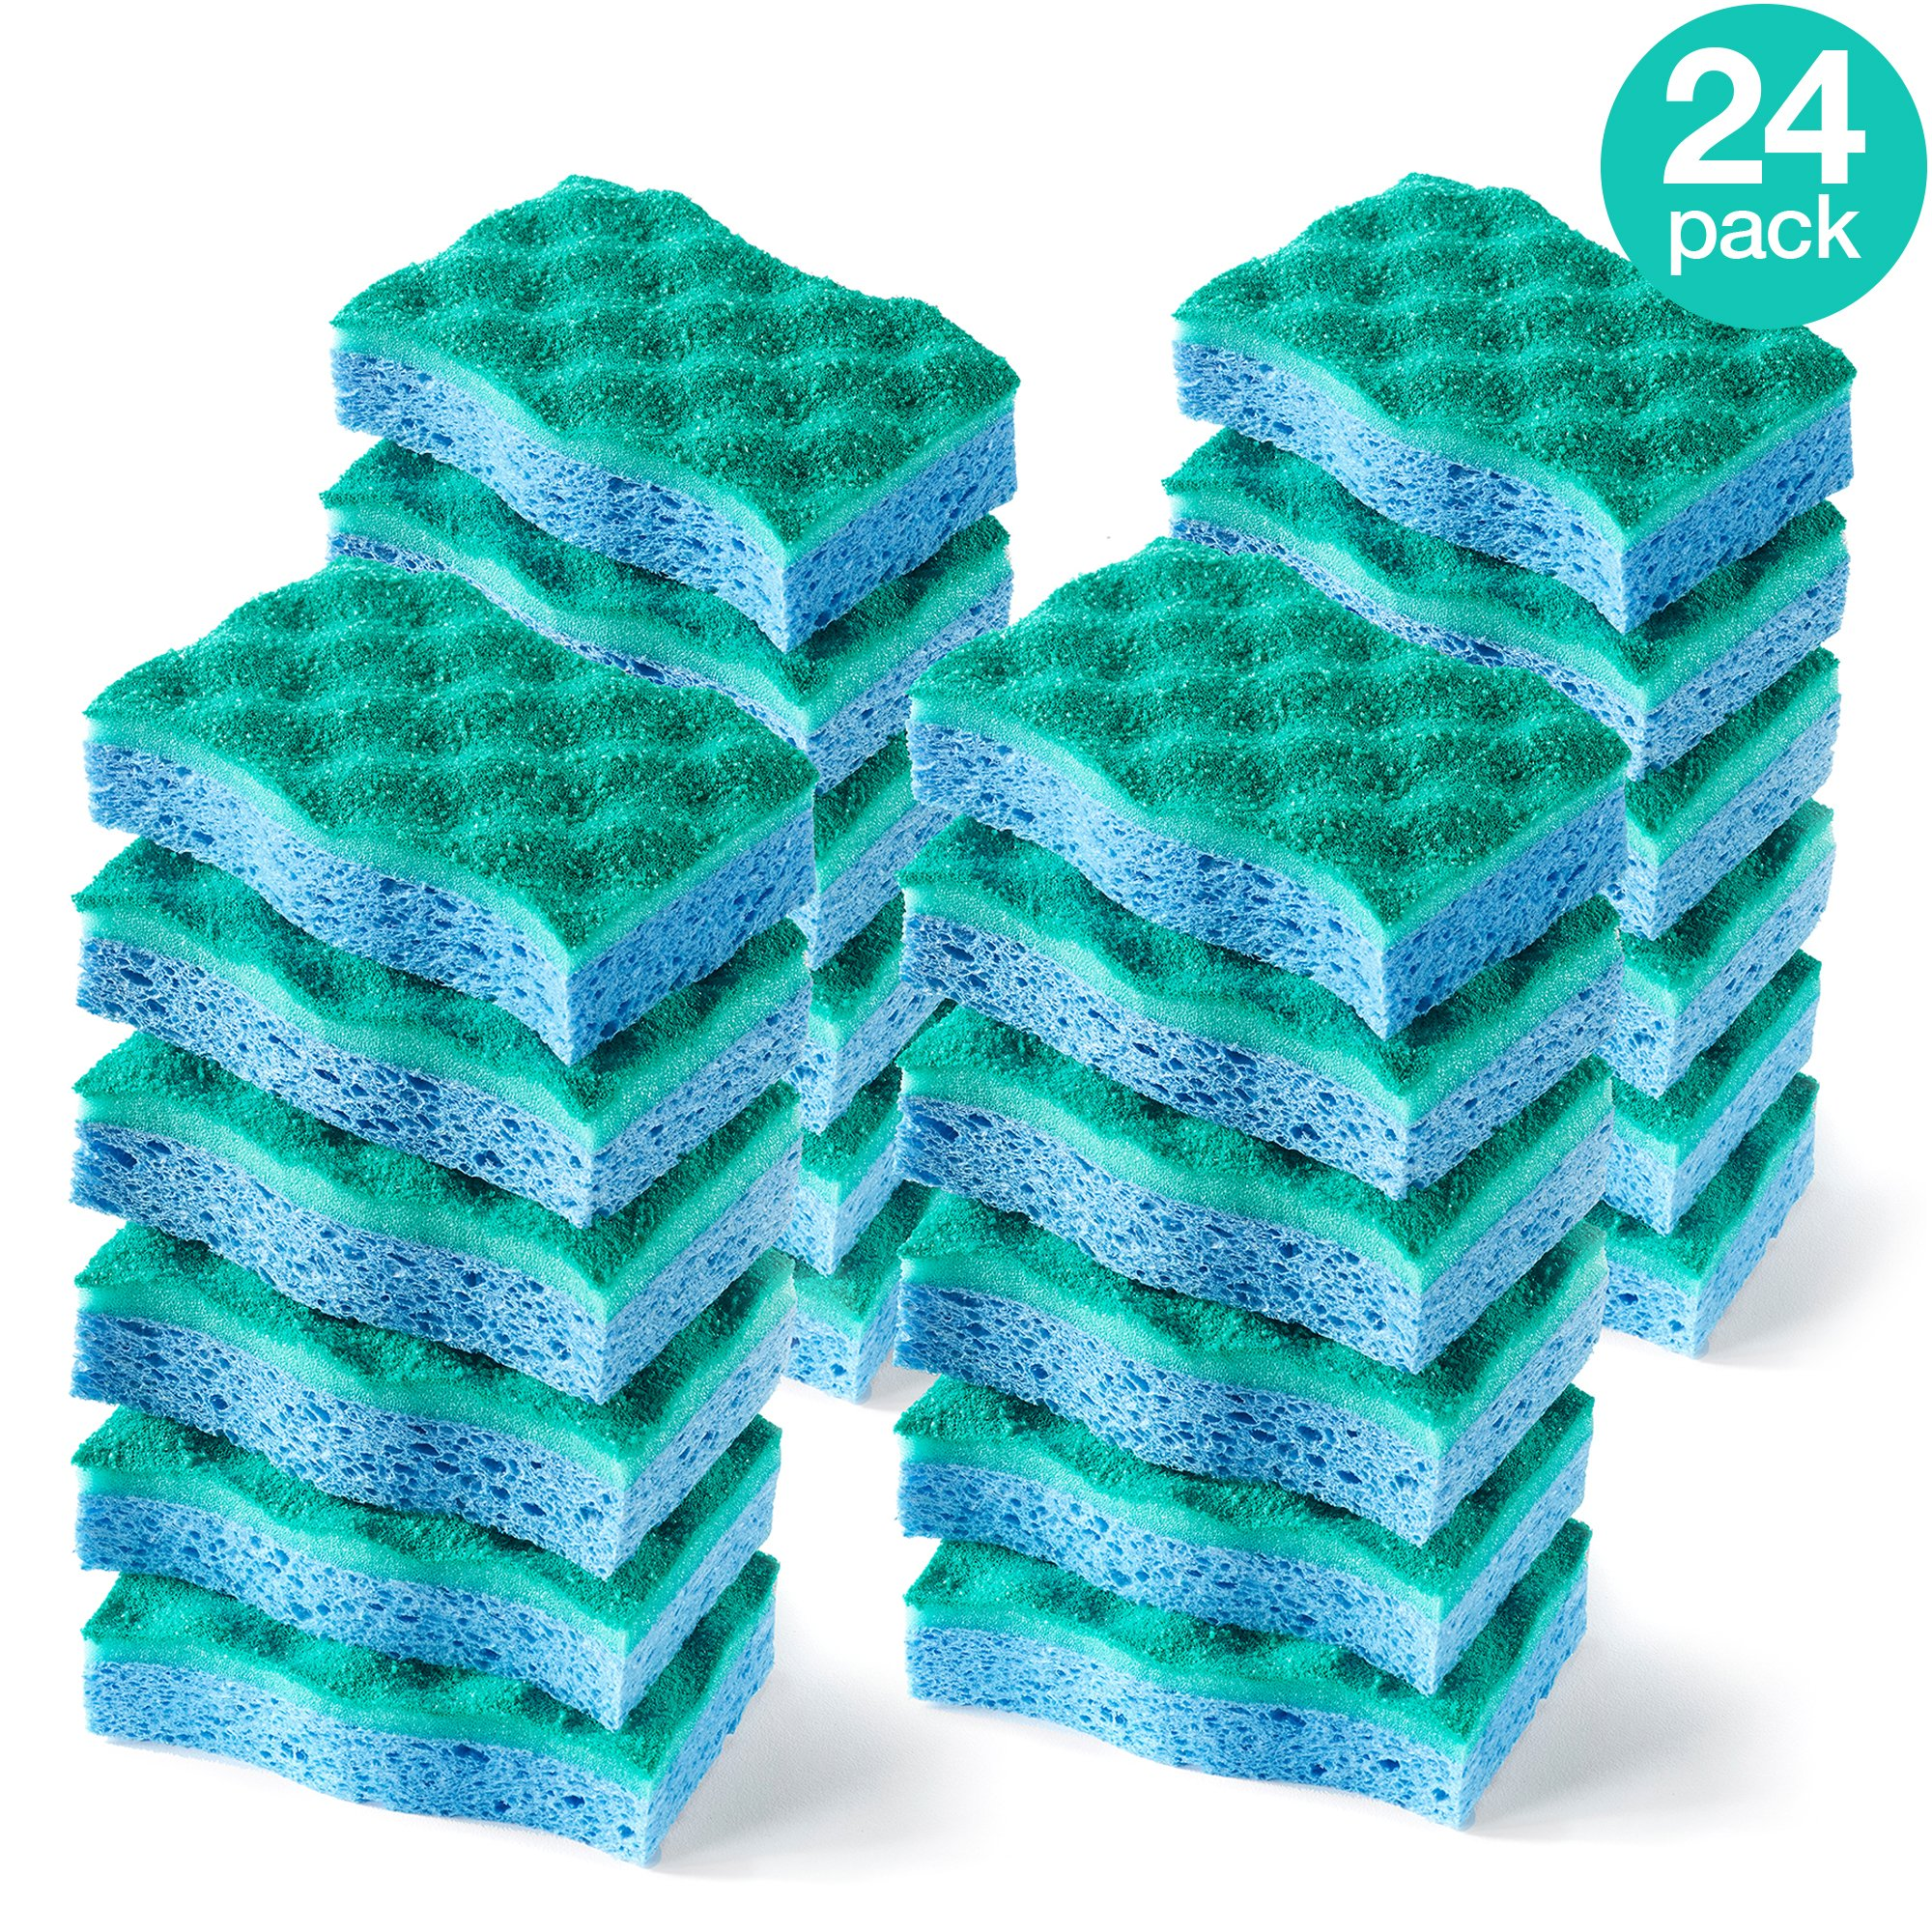 O-Cedar Multi-Use Scrunge Scrubber Sponge (Pack of 24)